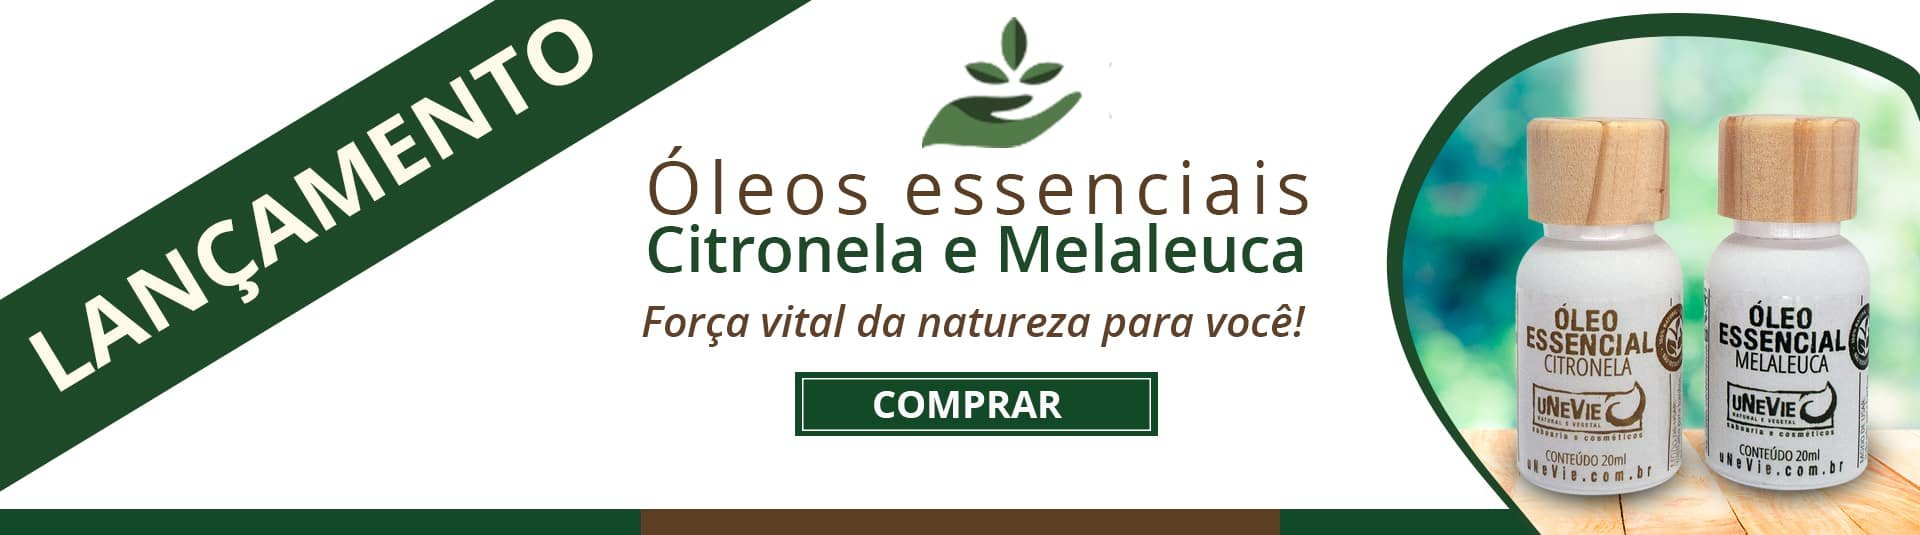 LR 2020-11-24 lançamento oe citronela e oe melaleuca